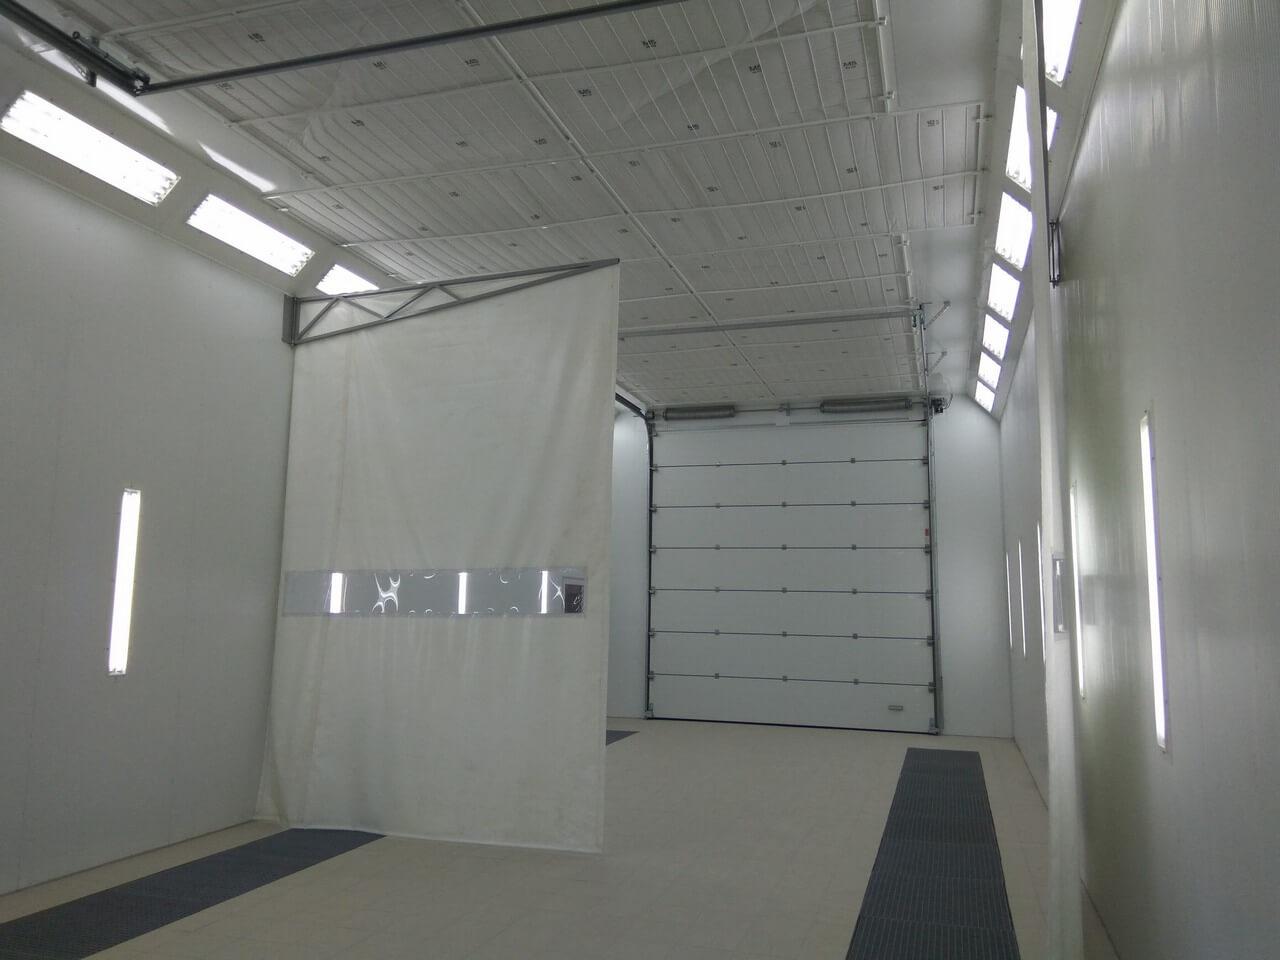 Окрасочно-сушильный комплекс для крупногабаритной техники — Аэротехника